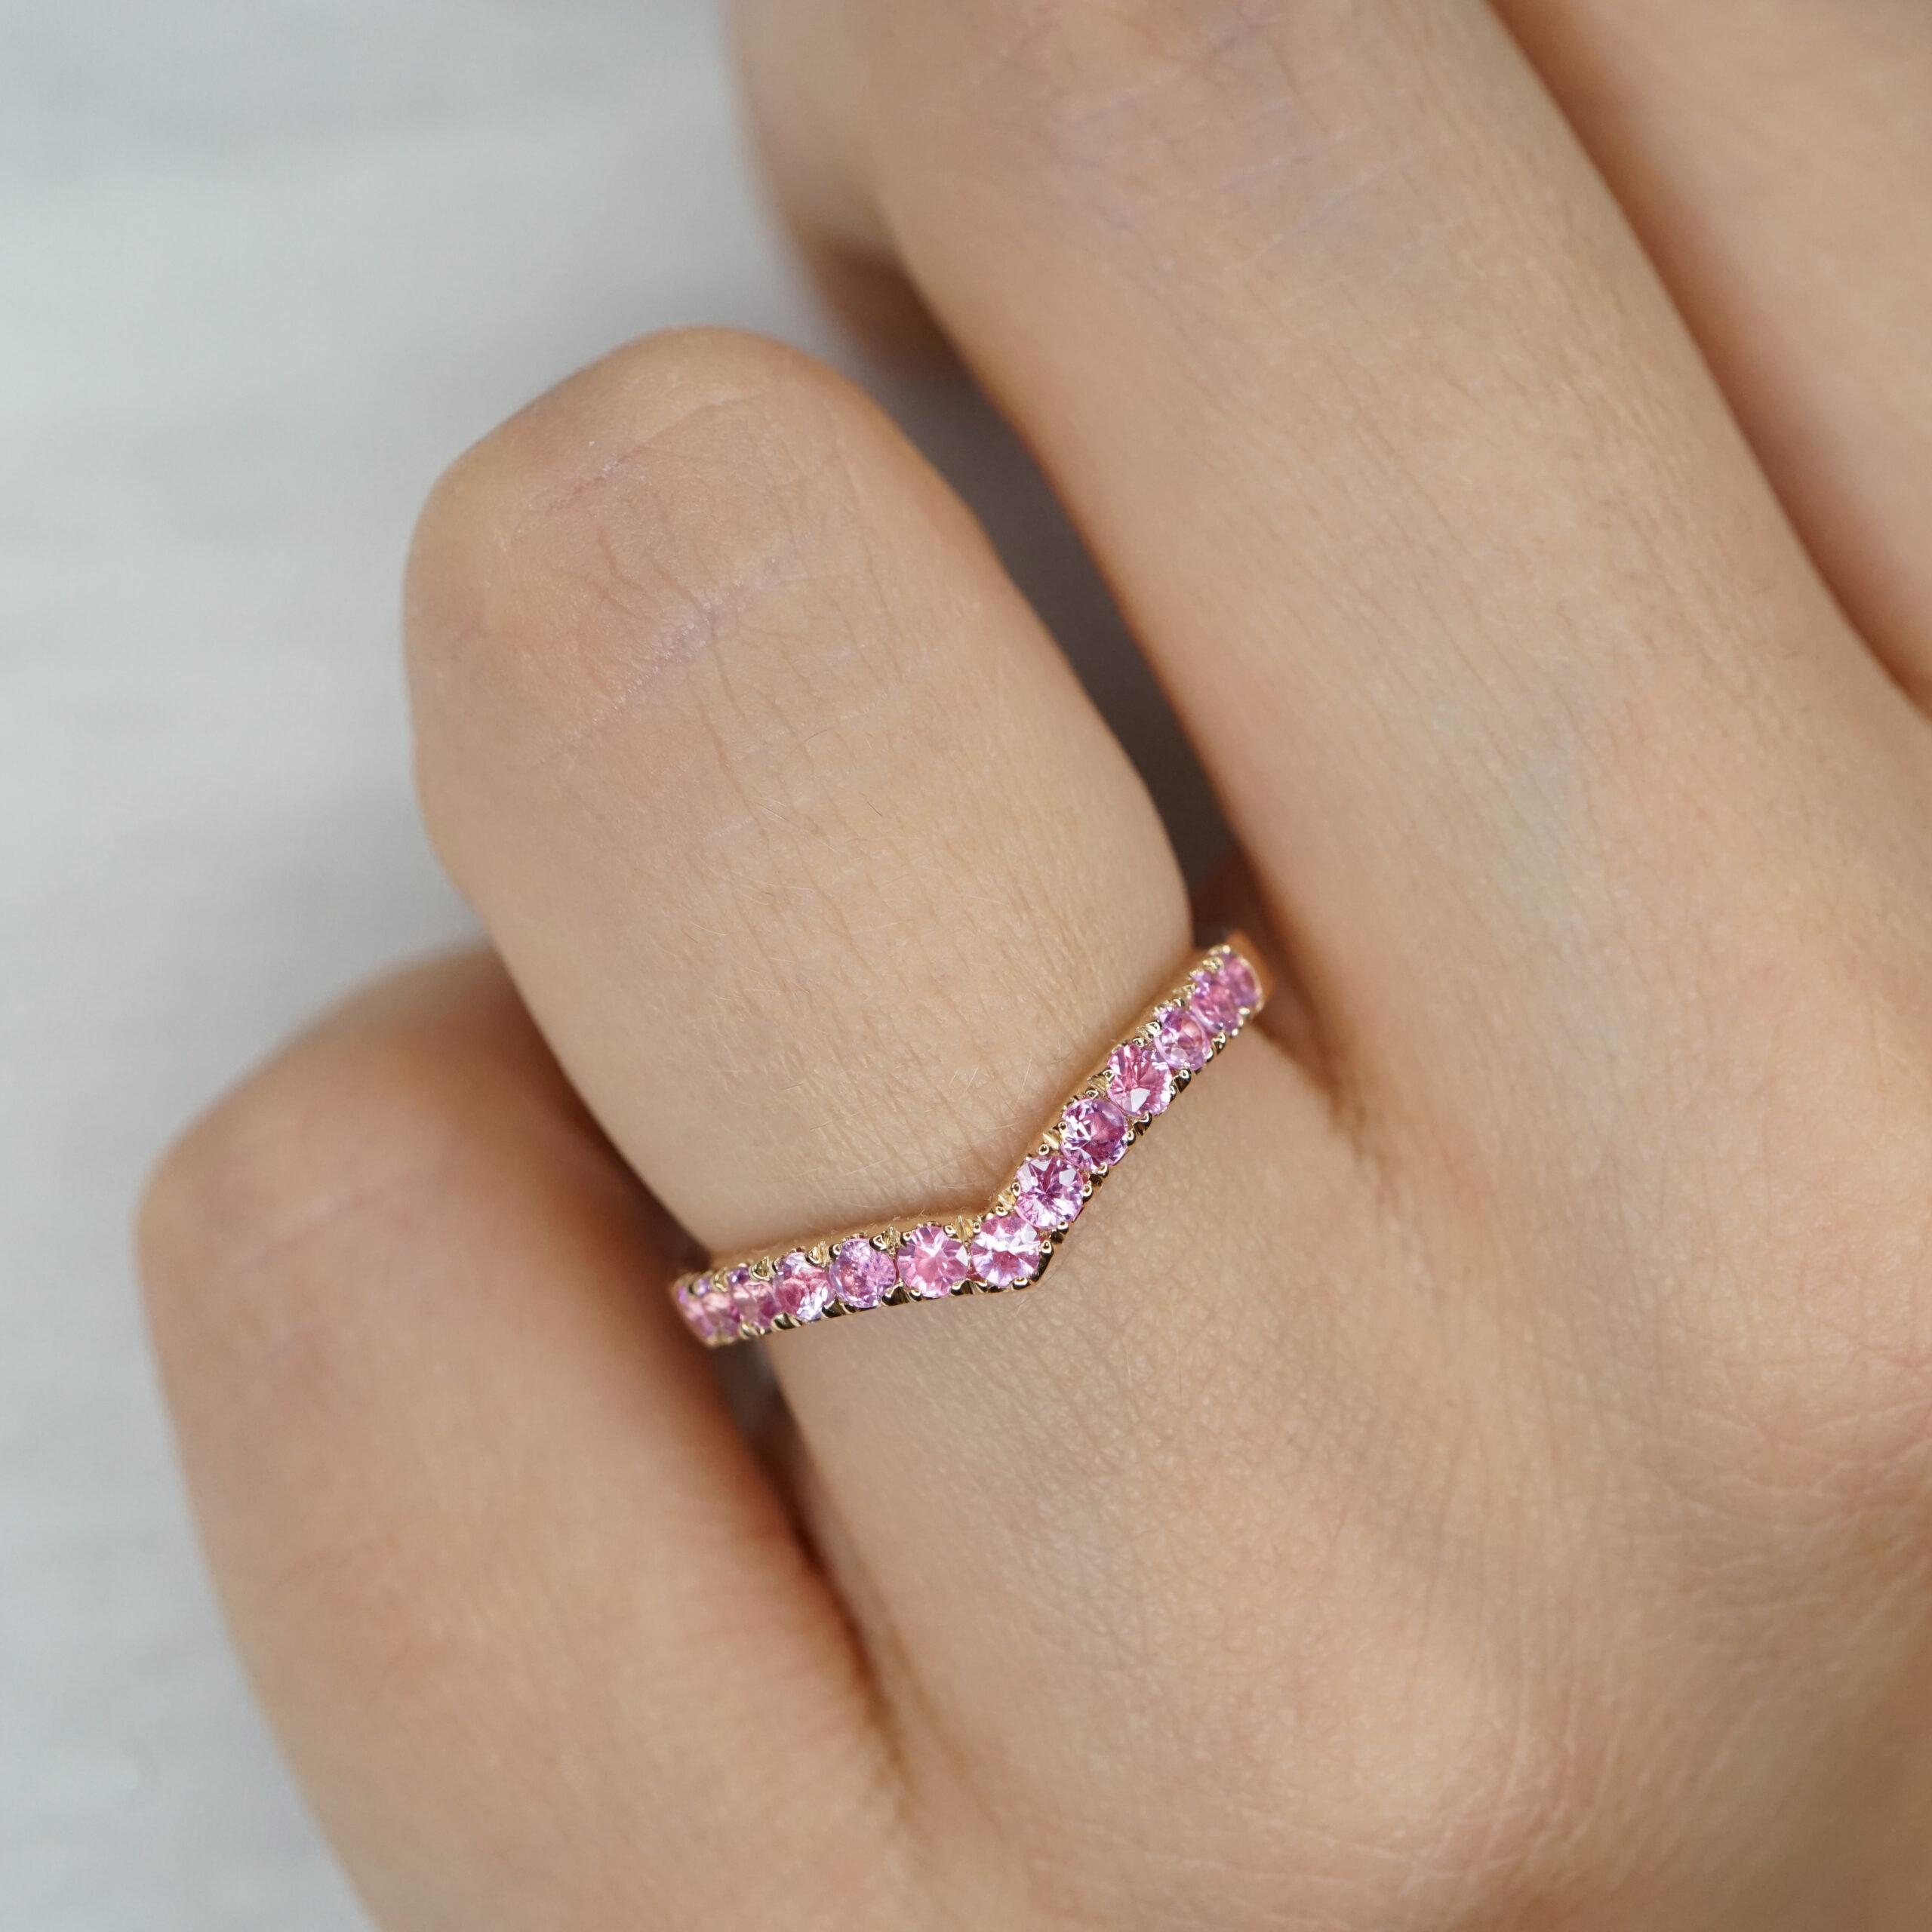 Crivelli - Anello Chevron in oro rosa e zaffiri rosa